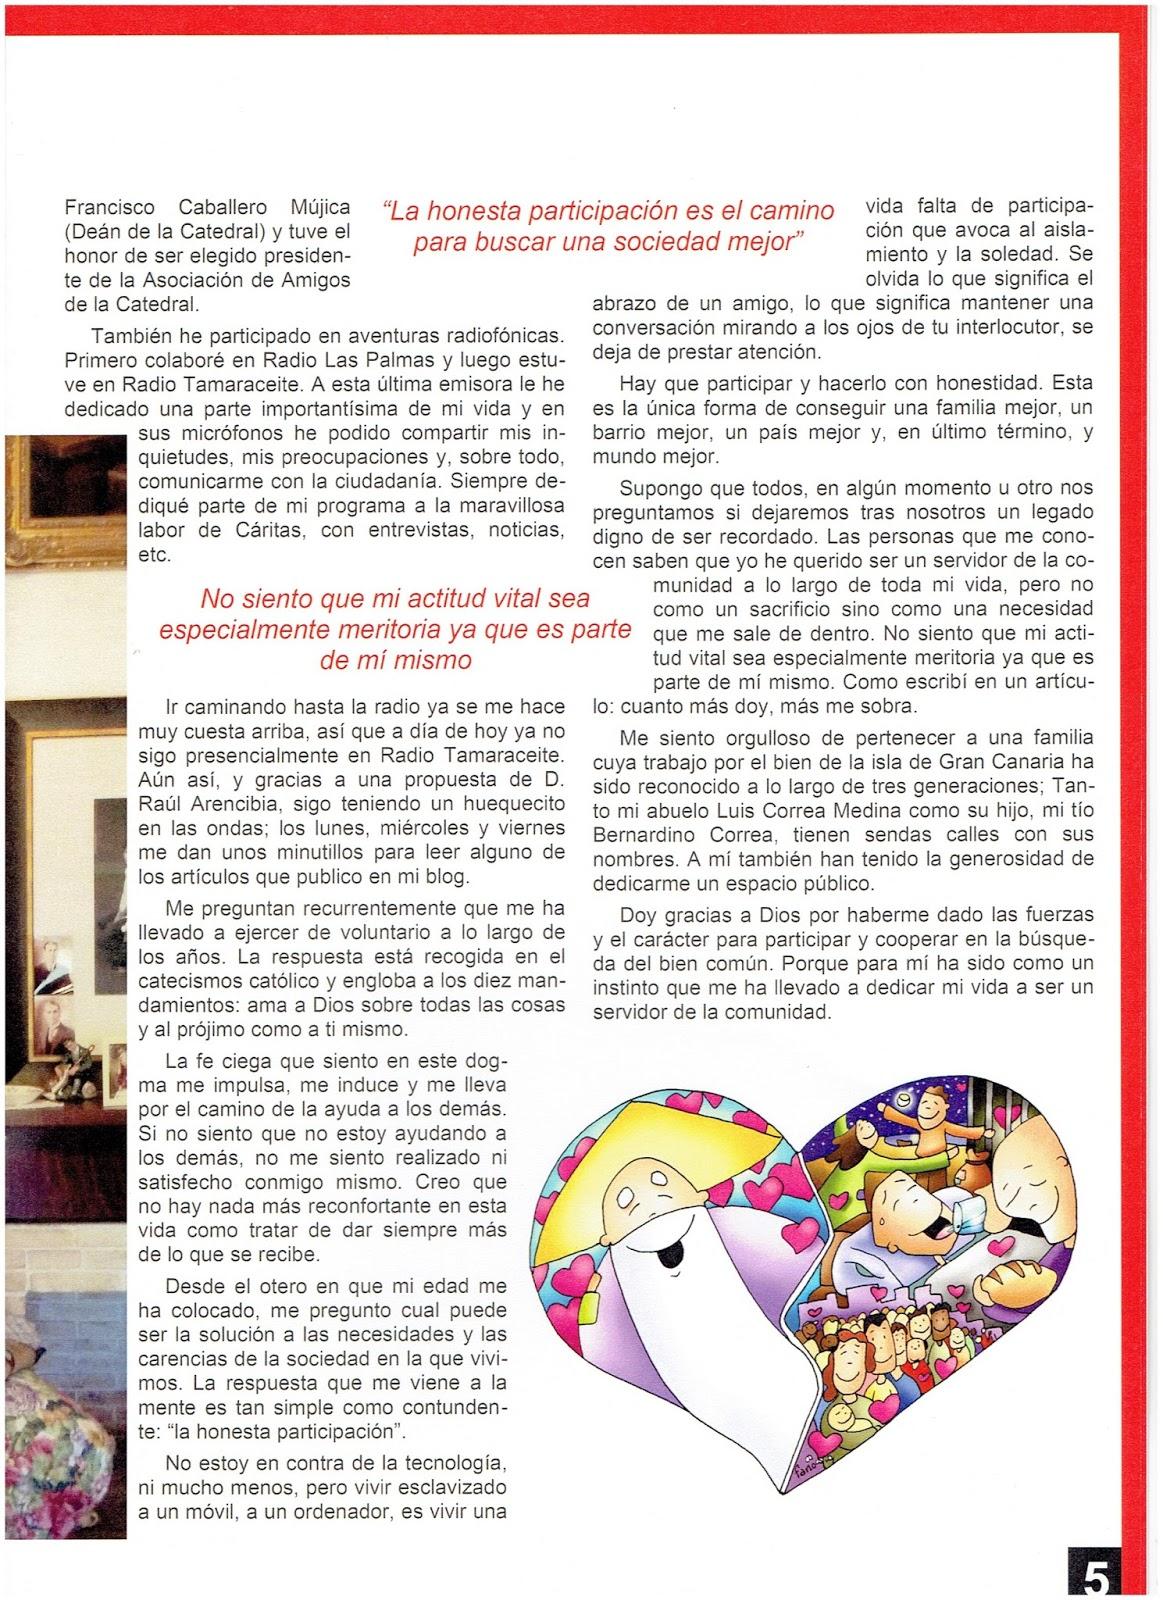 Currículum de Luis García-Correa: CURRICULUM VITAE